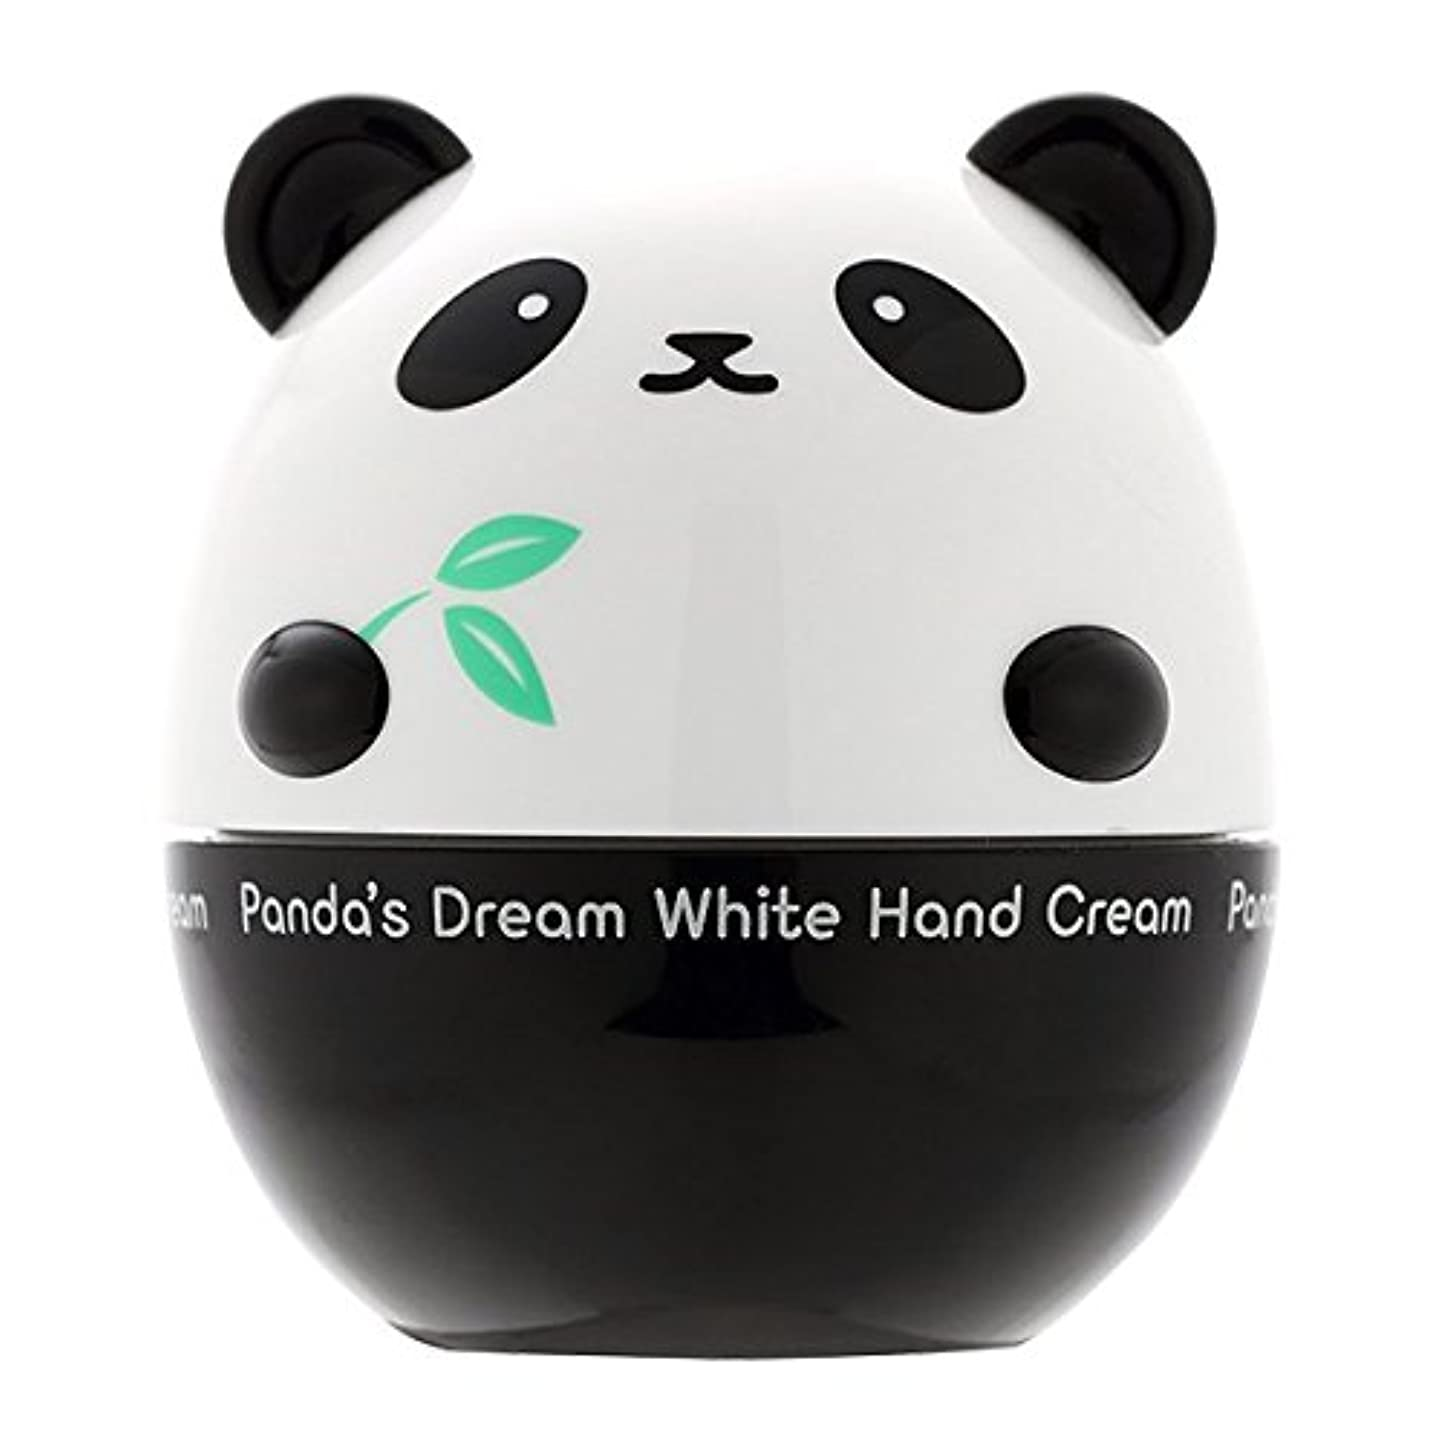 無一文儀式申し込むTONYMOLY パンダのゆめ ホワイトマジッククリーム 50g Panda's Dream White Magic Cream 照明クリームトニーモリー下地の代わりに美肌クリーム美肌成分含有 【韓国コスメ】トニーモリー